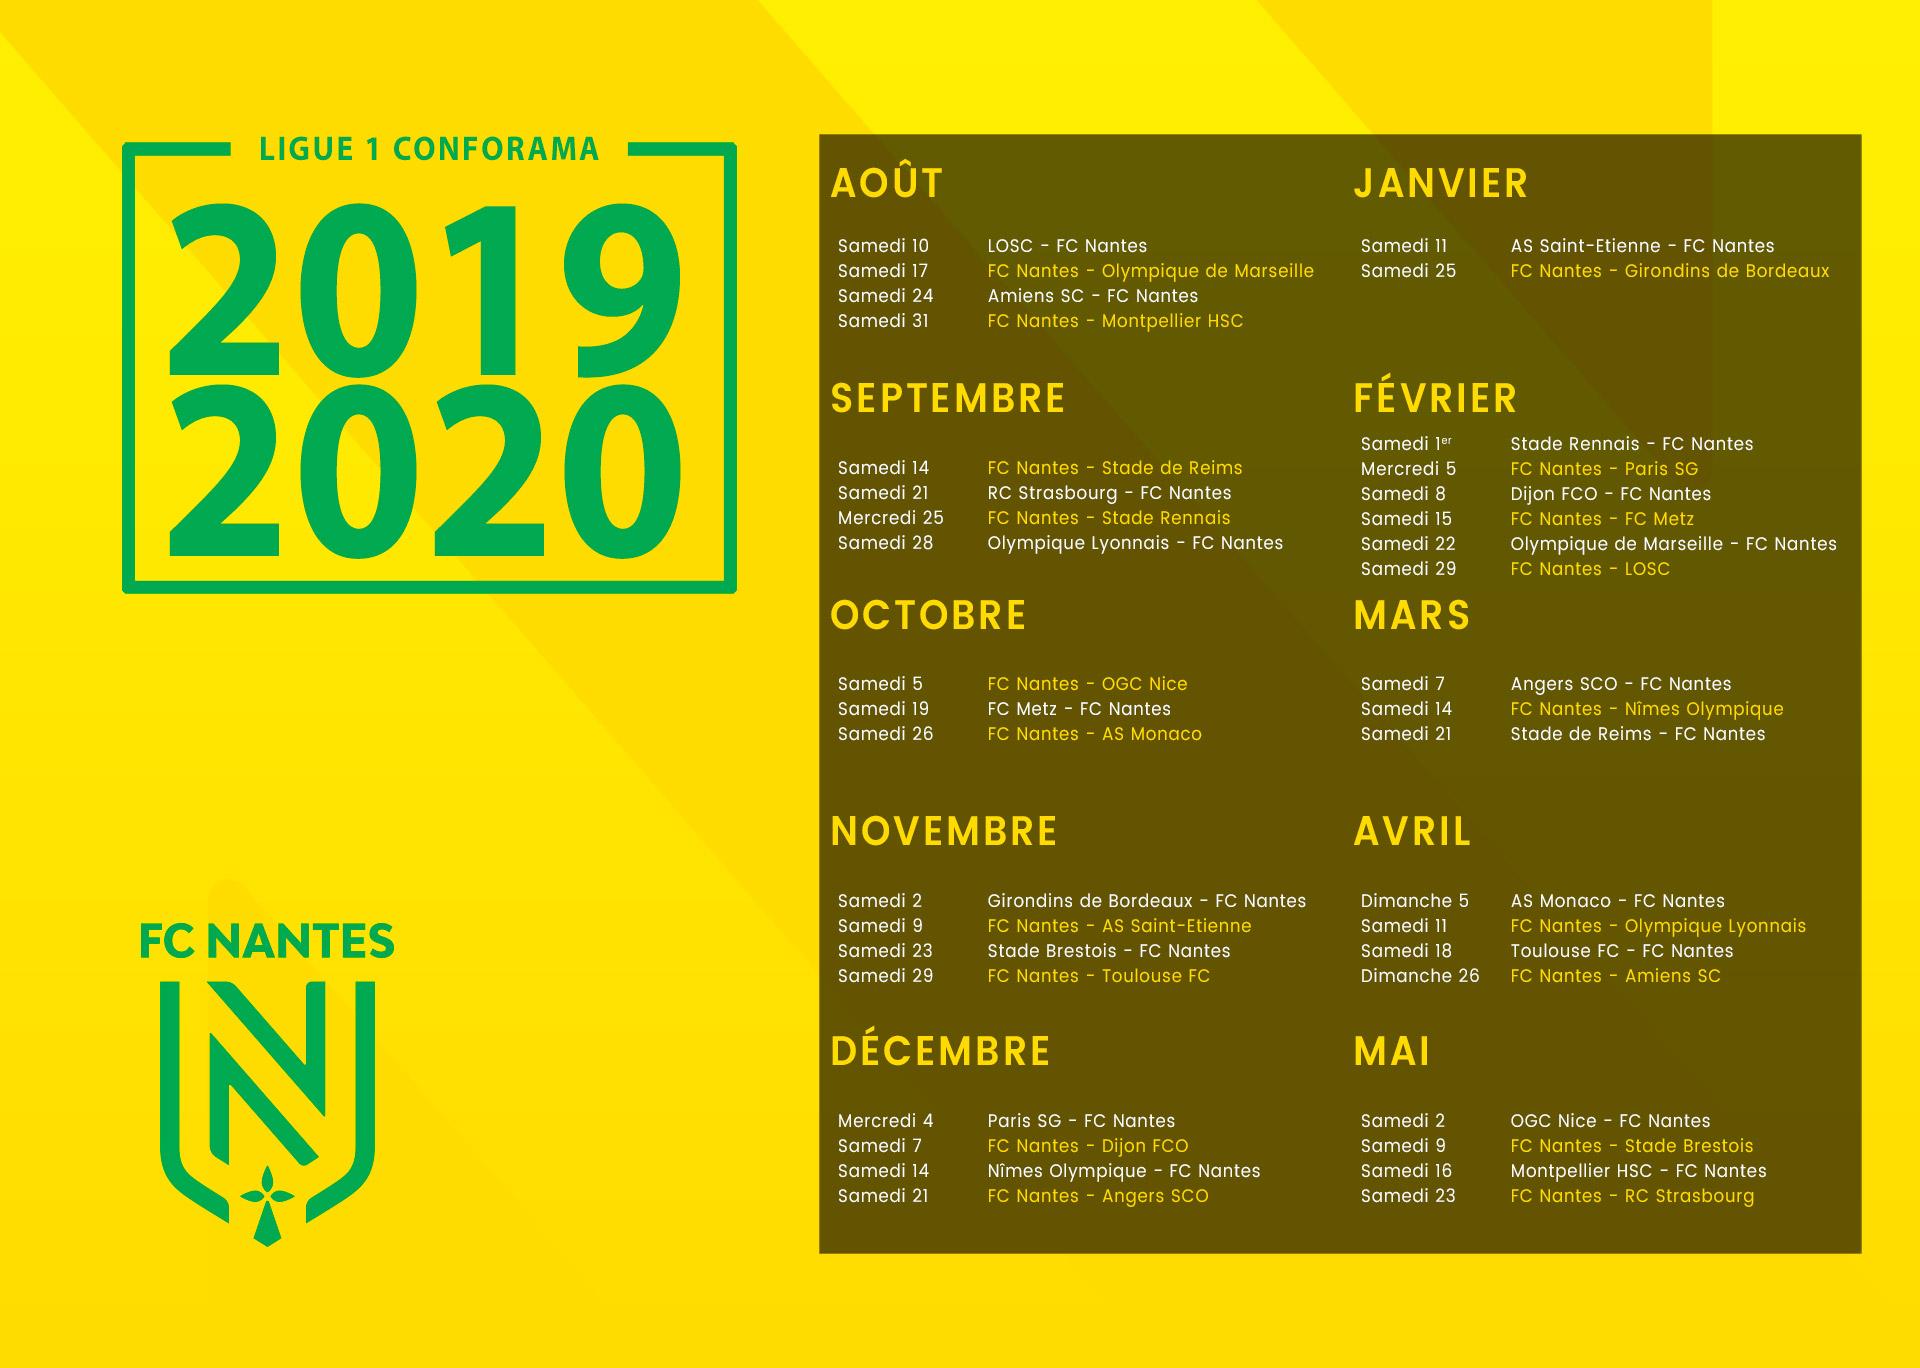 Calendrier Des Girondins De Bordeaux.Le Calendrier 2019 2020 Devoile